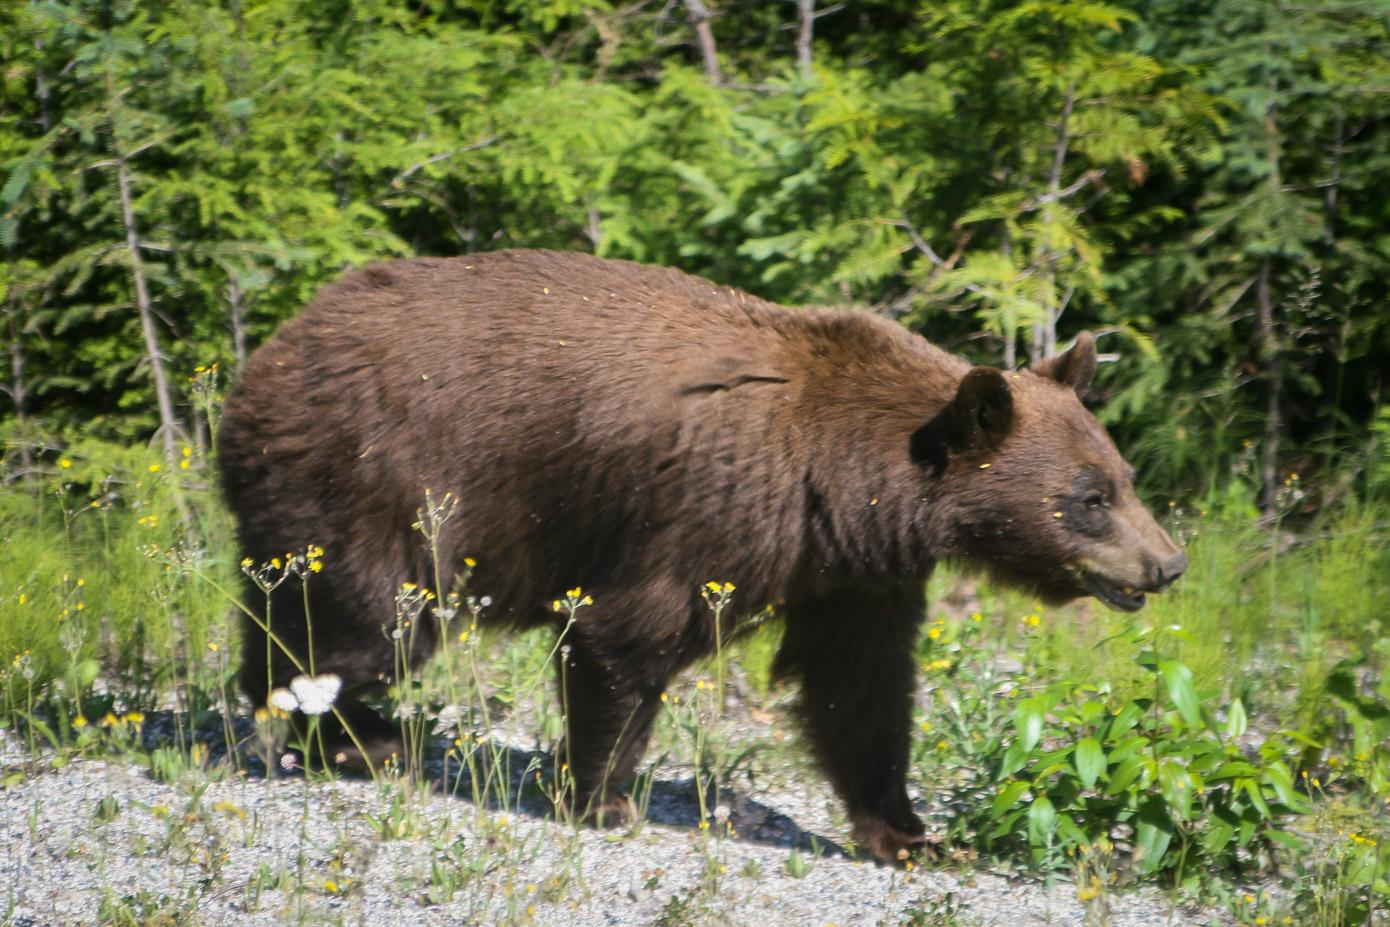 Spiksplinternieuw Hoe omgaan met beren op reis? - Wanderer's Blues VB-25